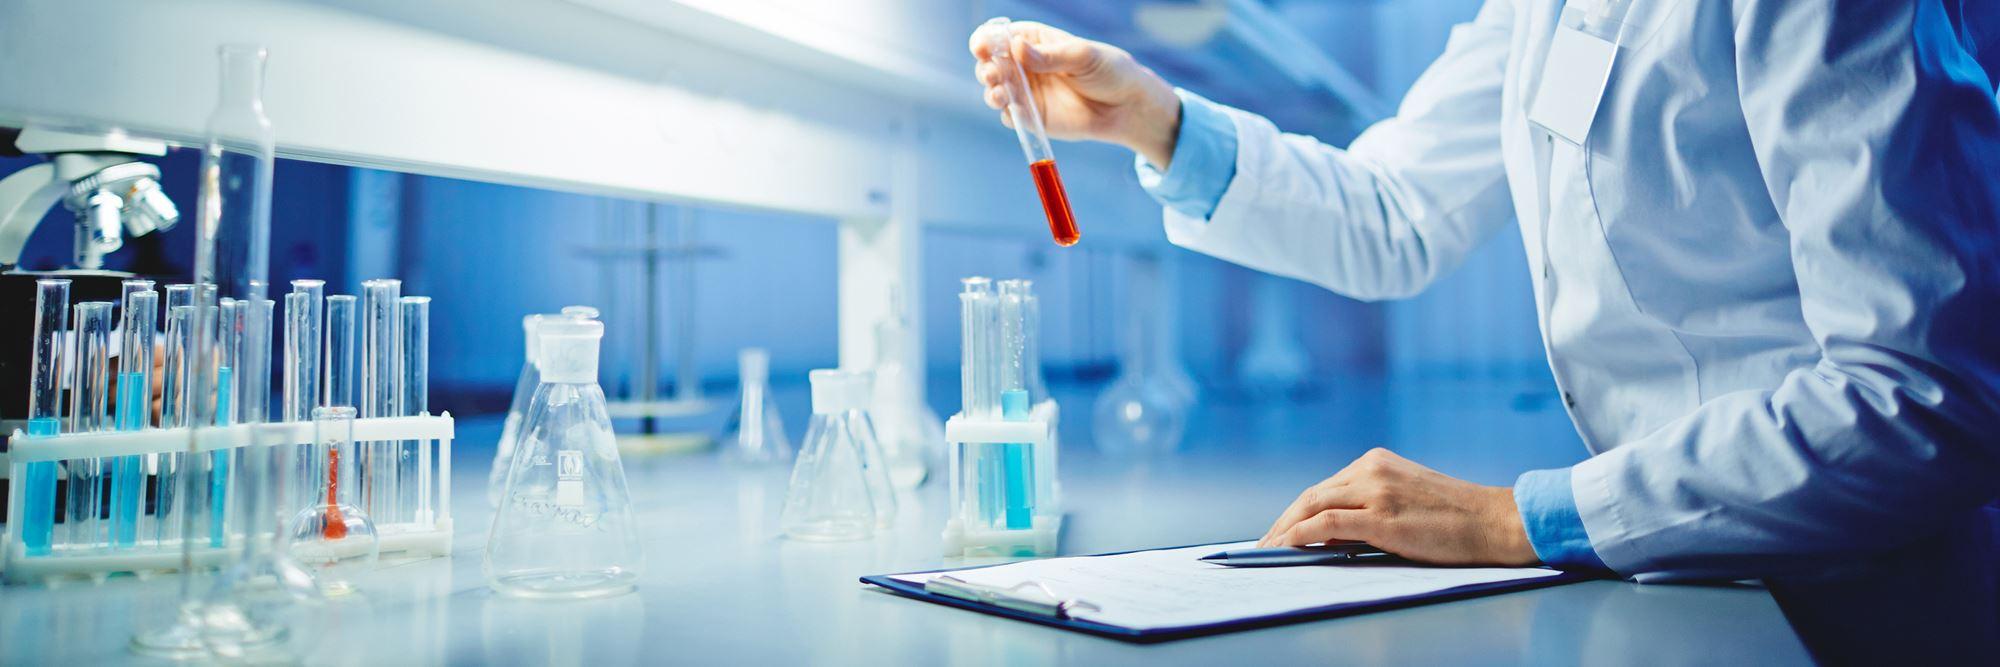 kobieta przygotowująca próbki w laboratorium